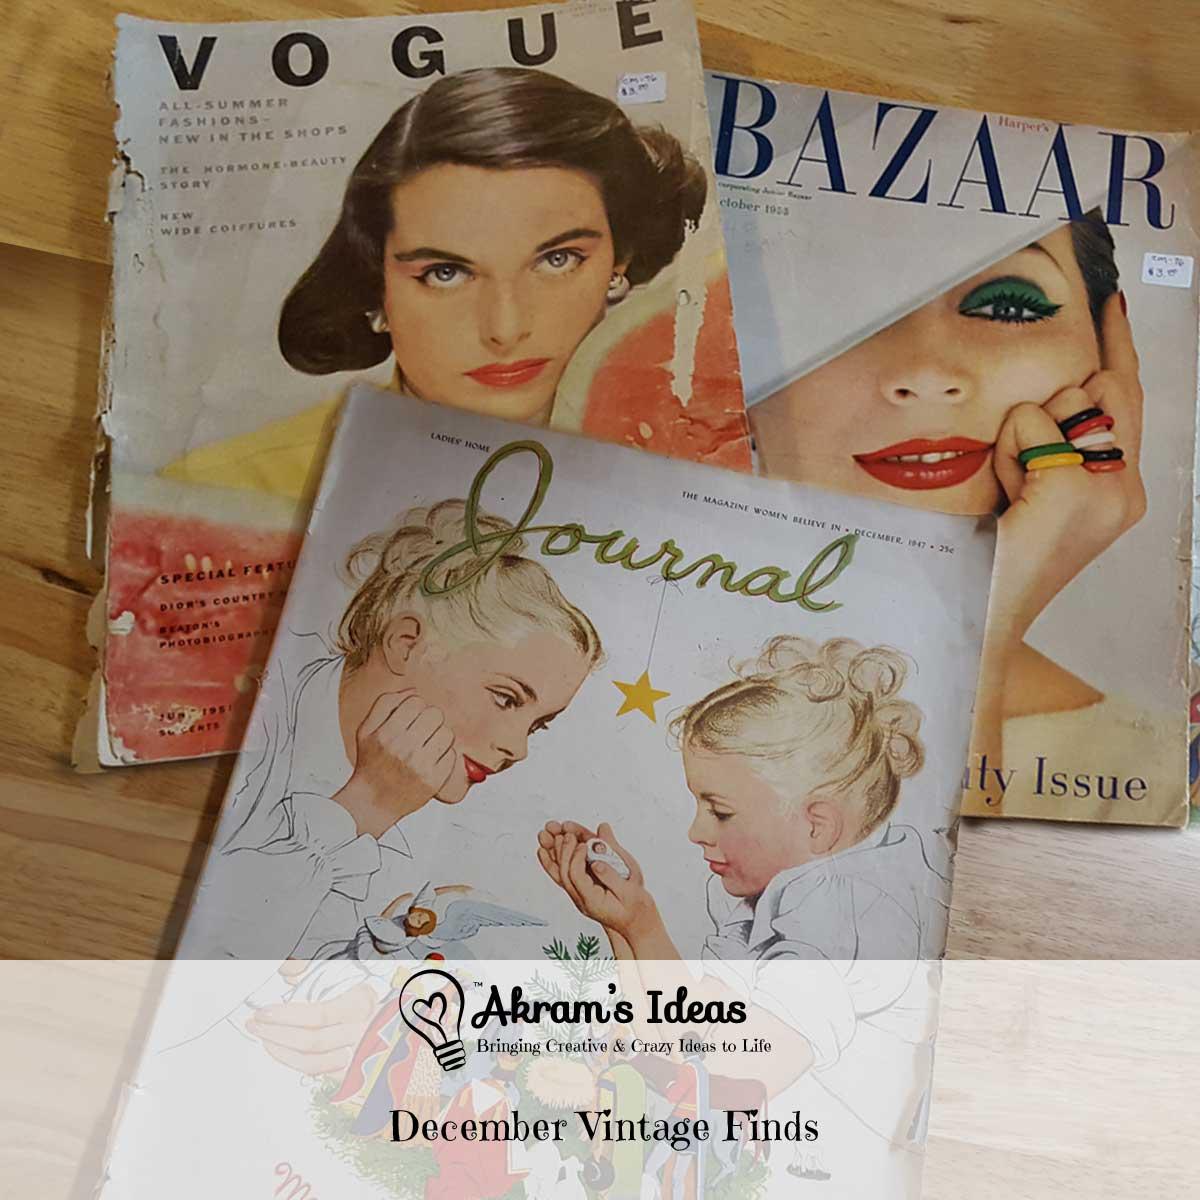 December Vintage Finds